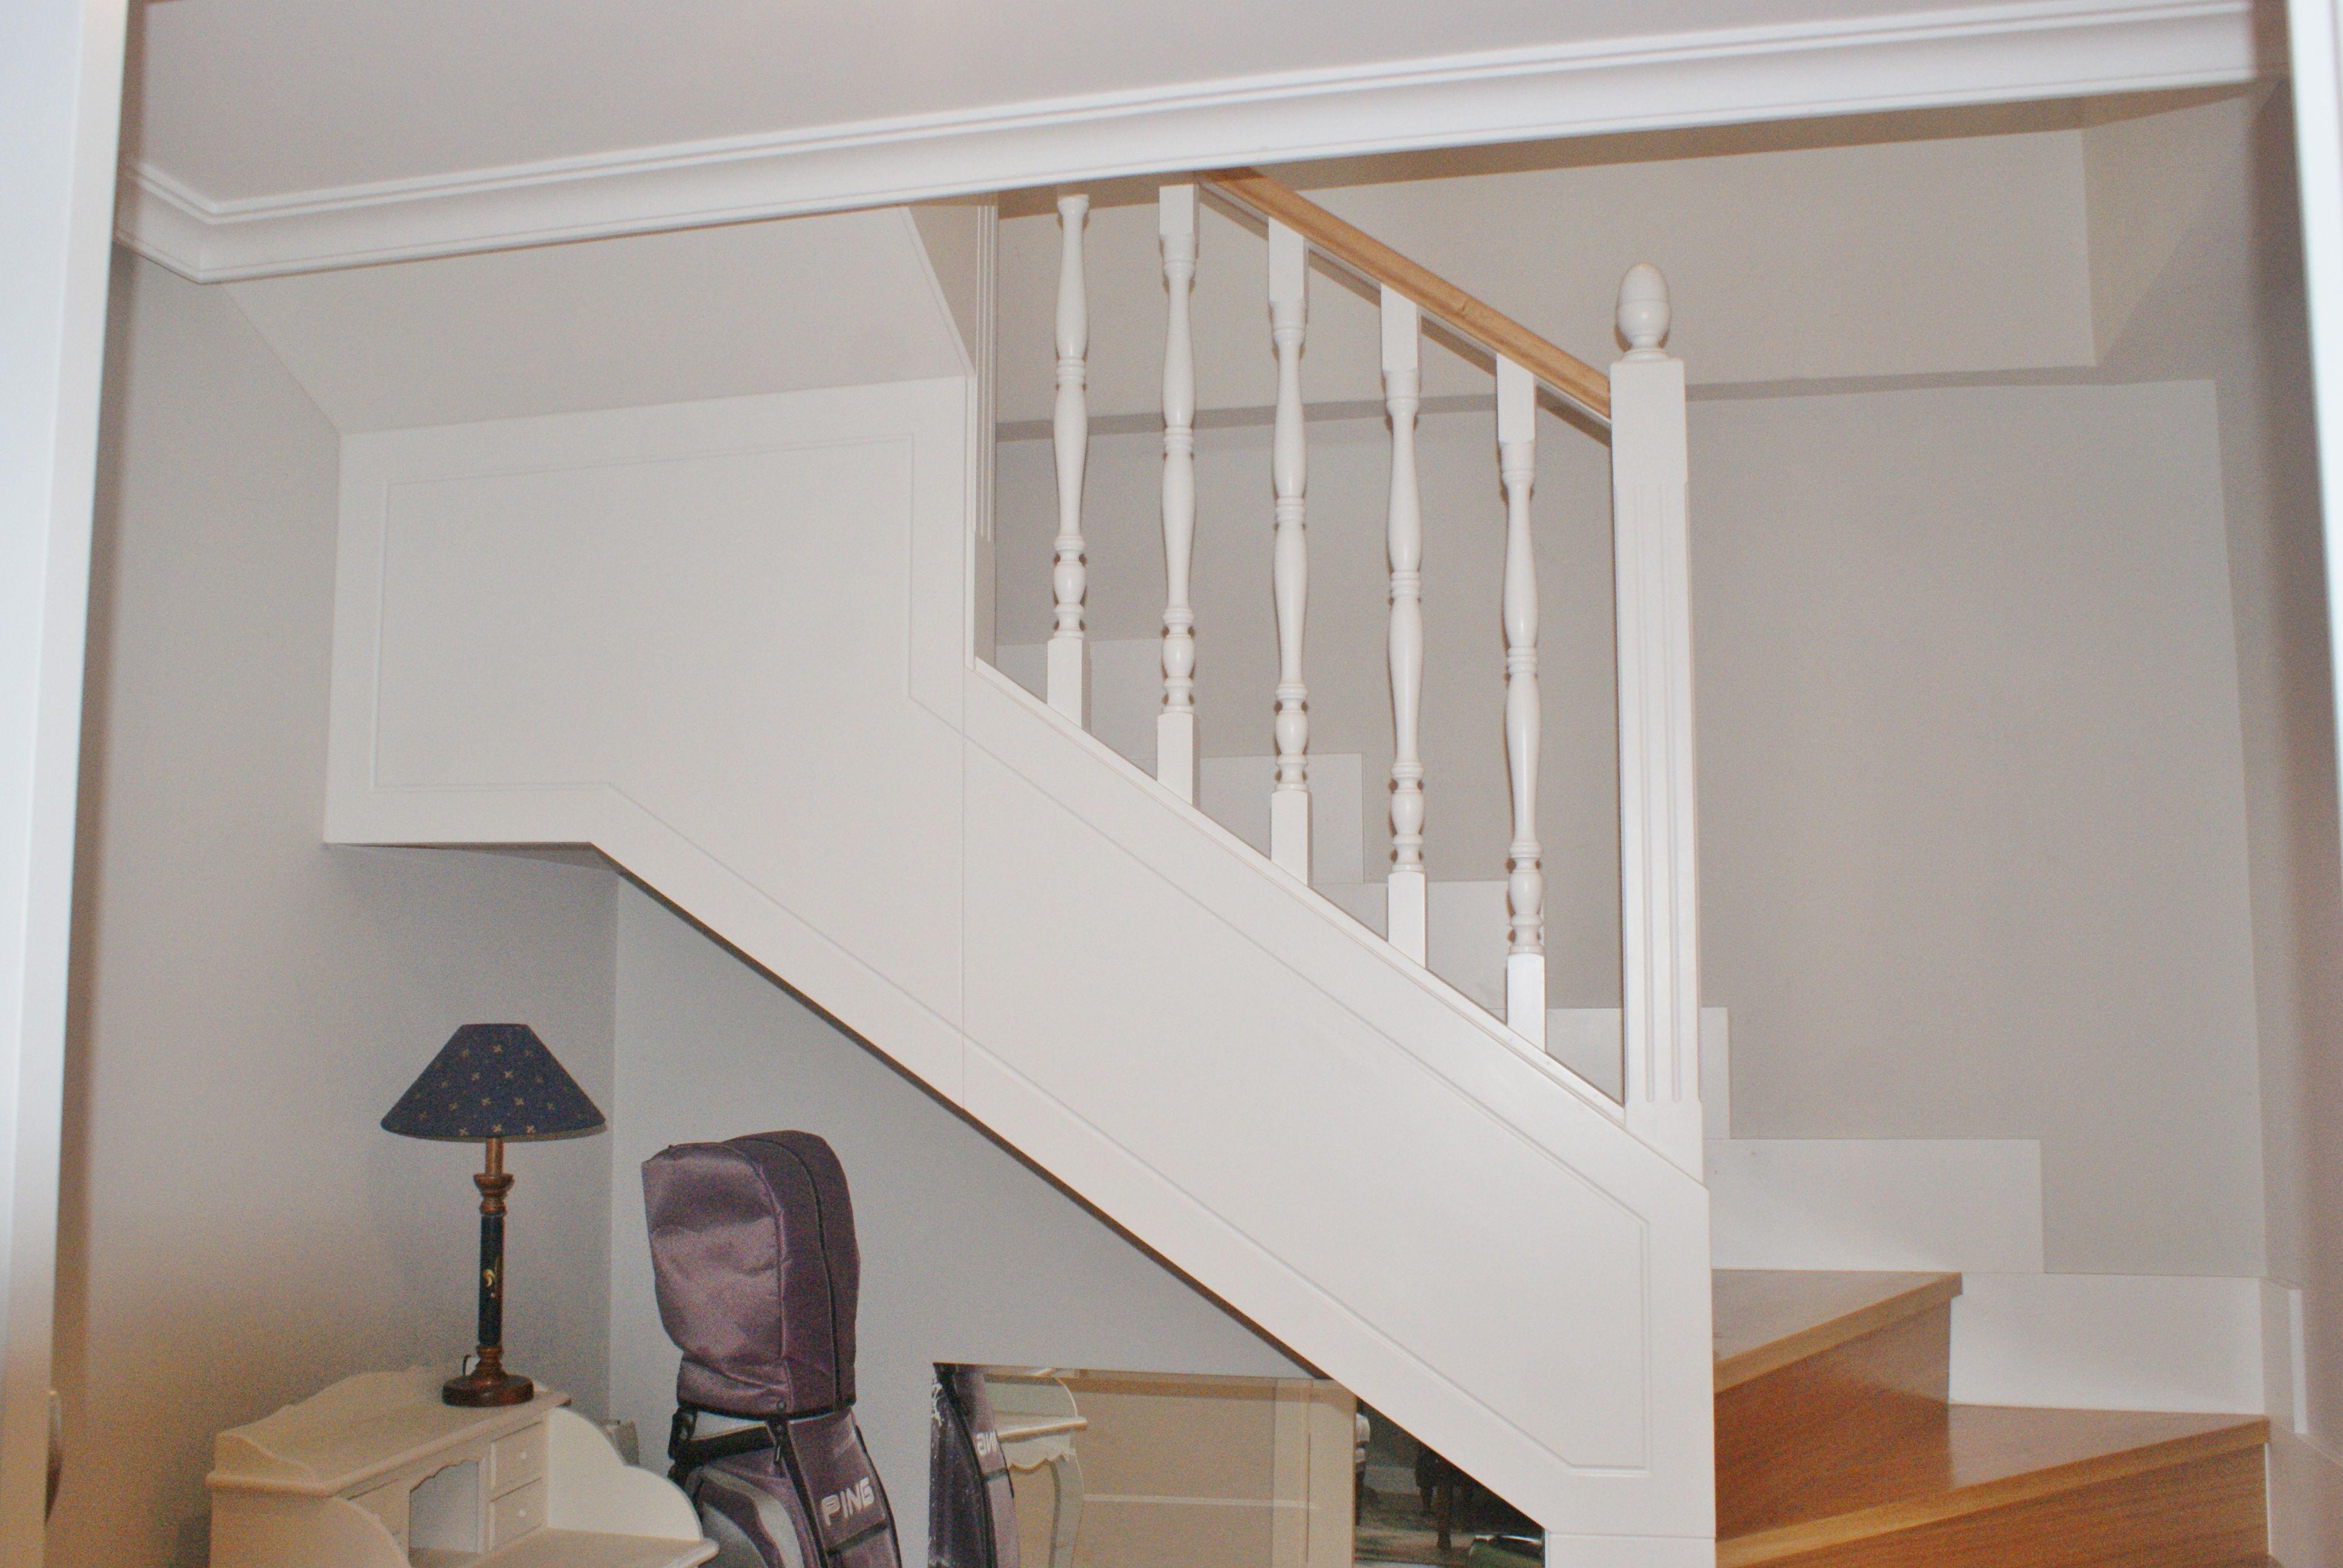 Escalera de madera lacada en blanco con pasamanos en roble barnizado en su color